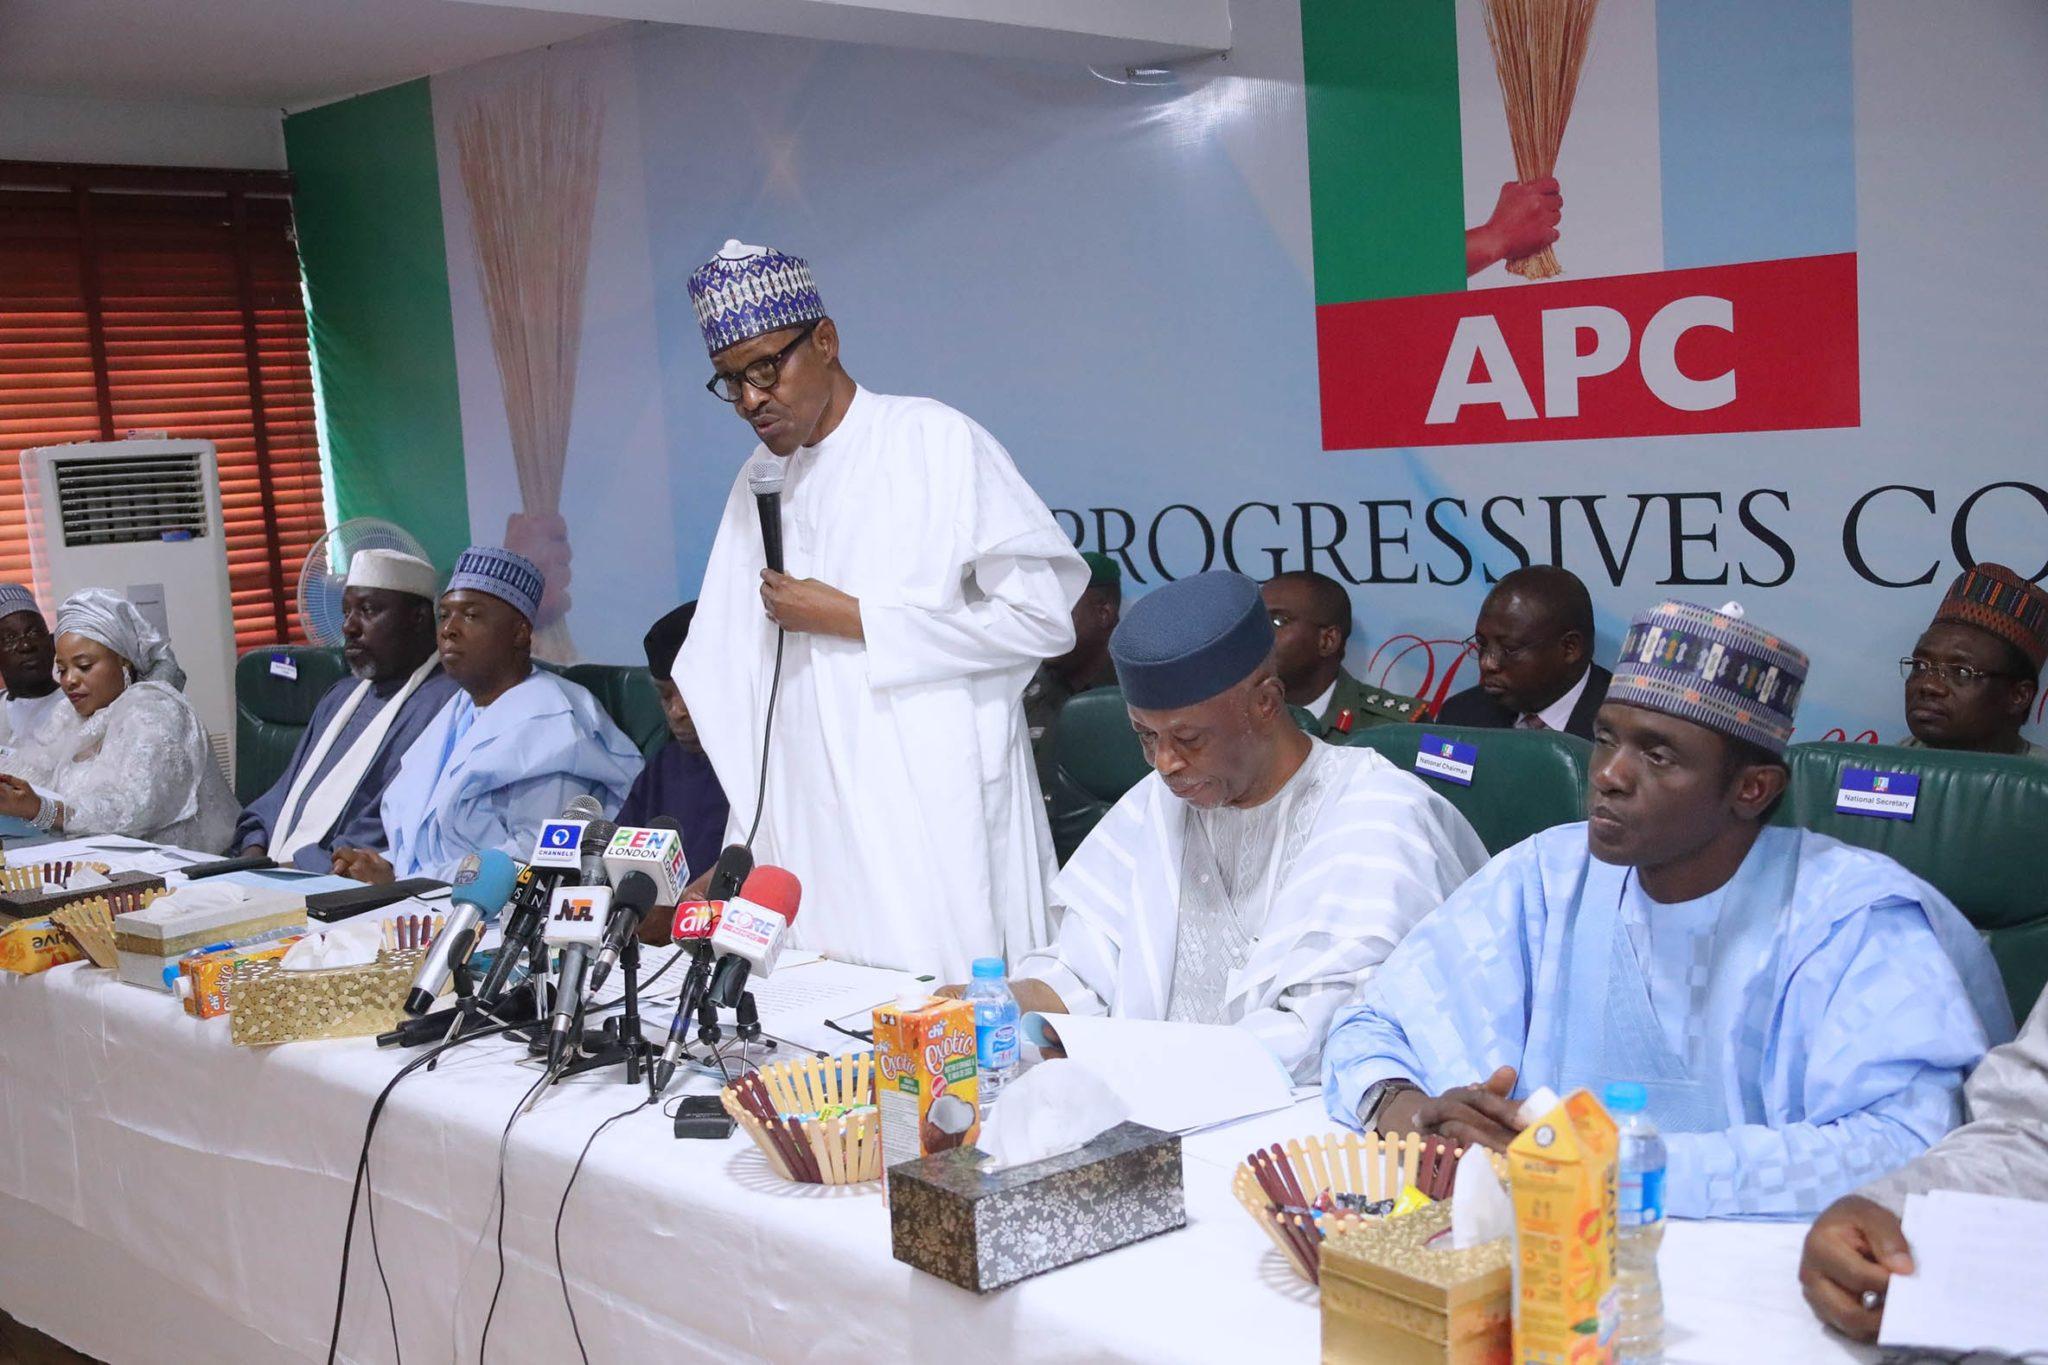 singolo sito di incontri in Nigeria